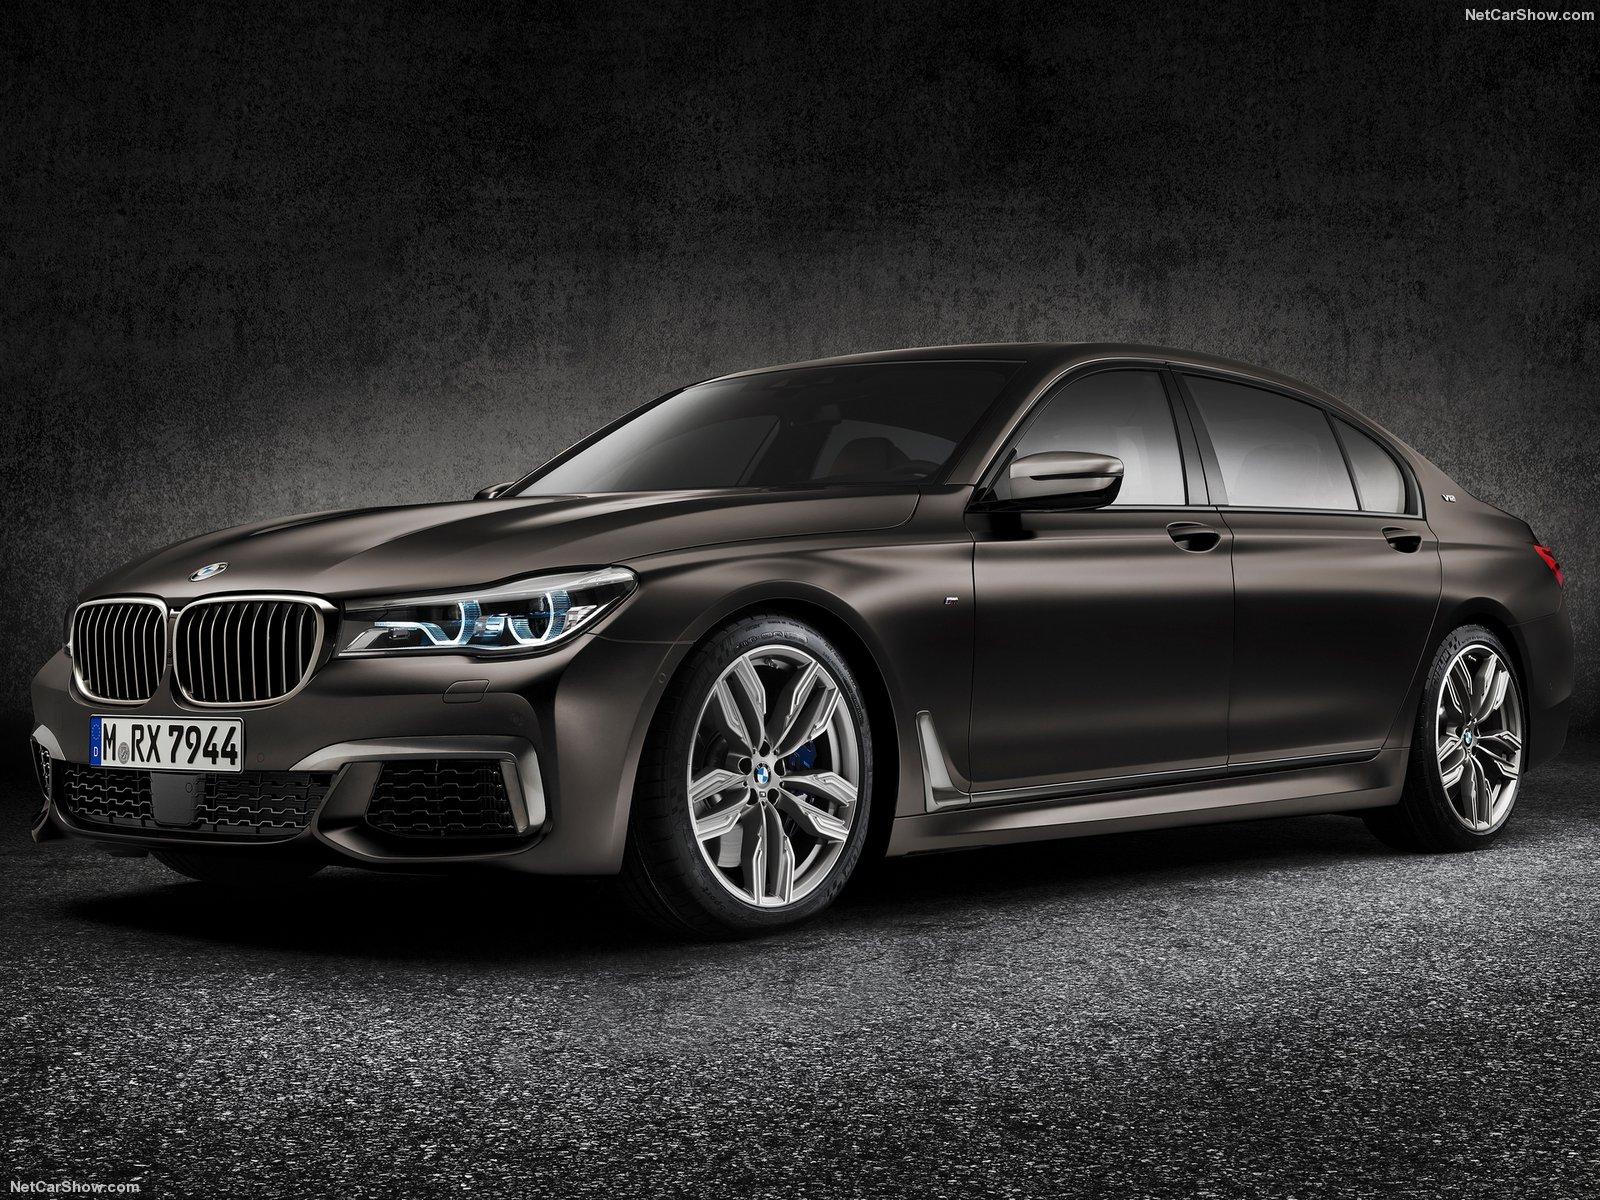 BMW-M760Li_xDrive_2017_1600x1200_wallpaper_06